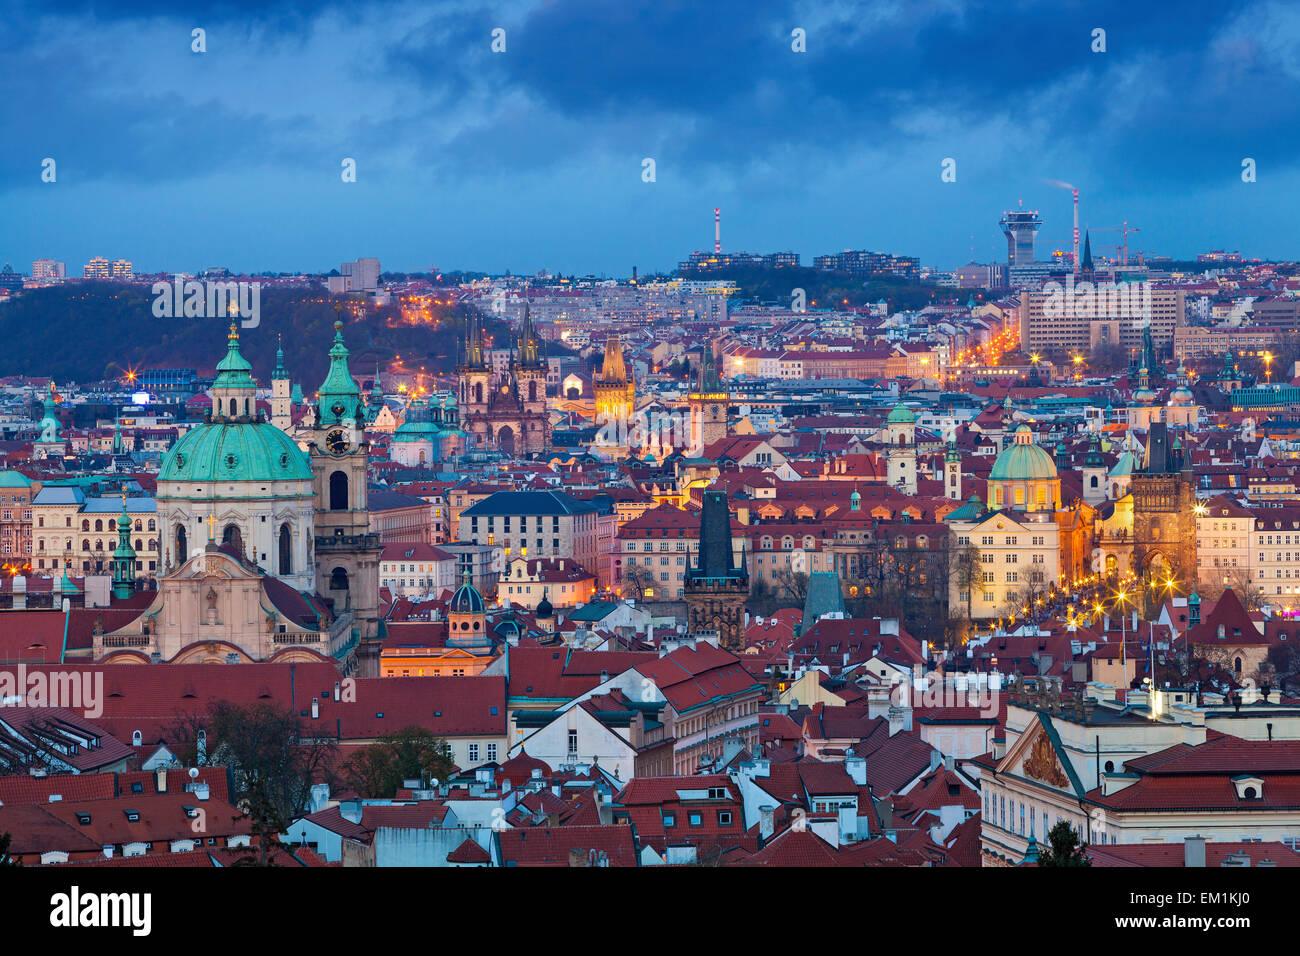 Prag. Bild von Prag, Hauptstadt Stadt der Tschechischen Republik während der blauen Dämmerstunde. Stockbild